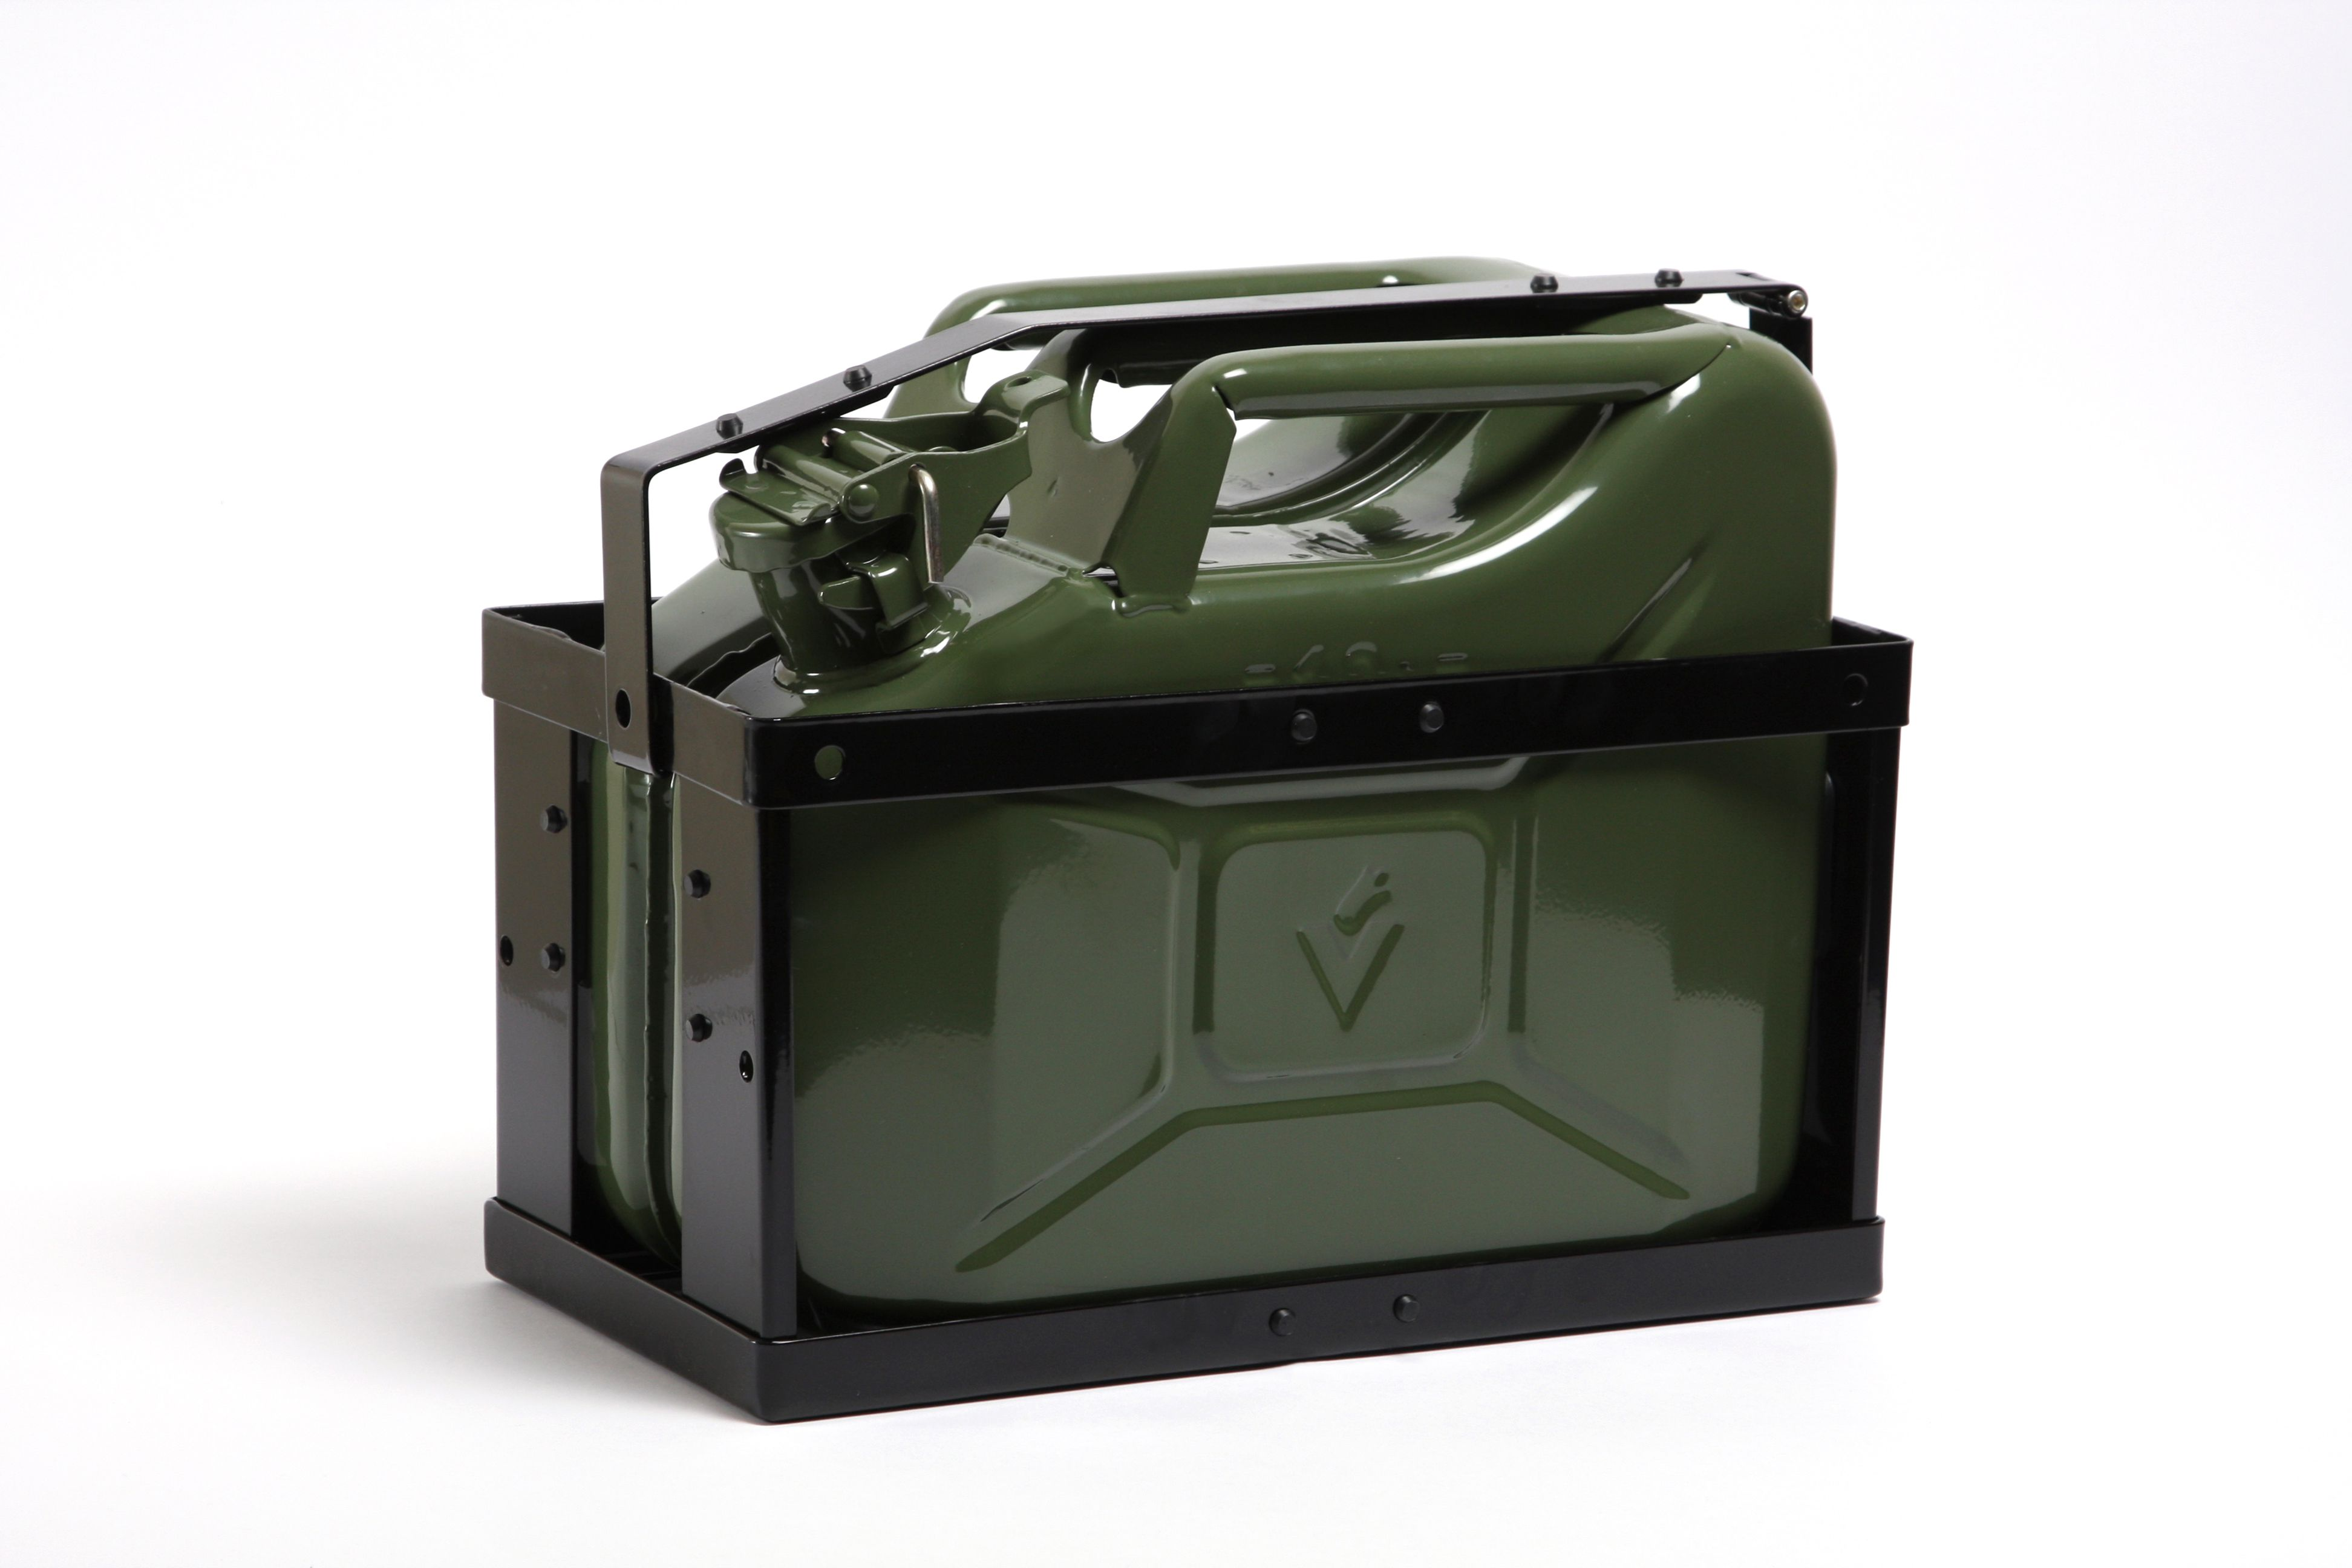 Melns degvielas kannas režģis zaļa kanna